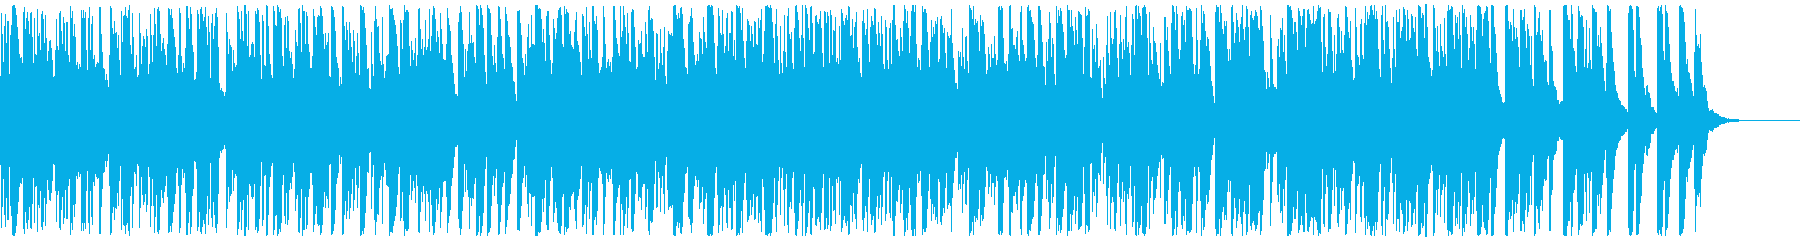 南米系の明るいインスト曲の再生済みの波形